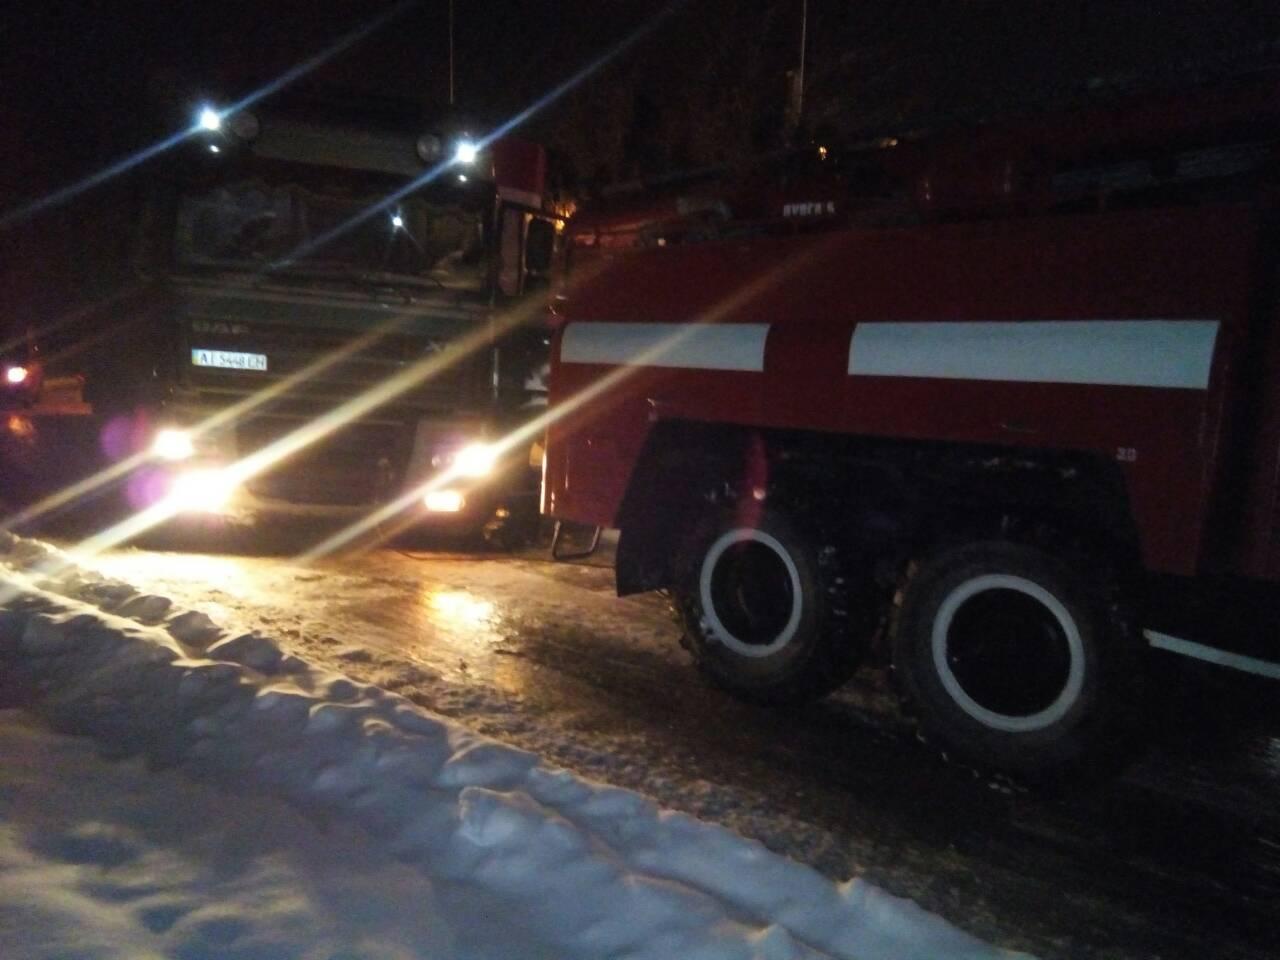 Цієї ночі прикарпатські рятувальники витягували із вибоїни фуру, яка застрягла на дорозі і перекрила рух автотранспорту